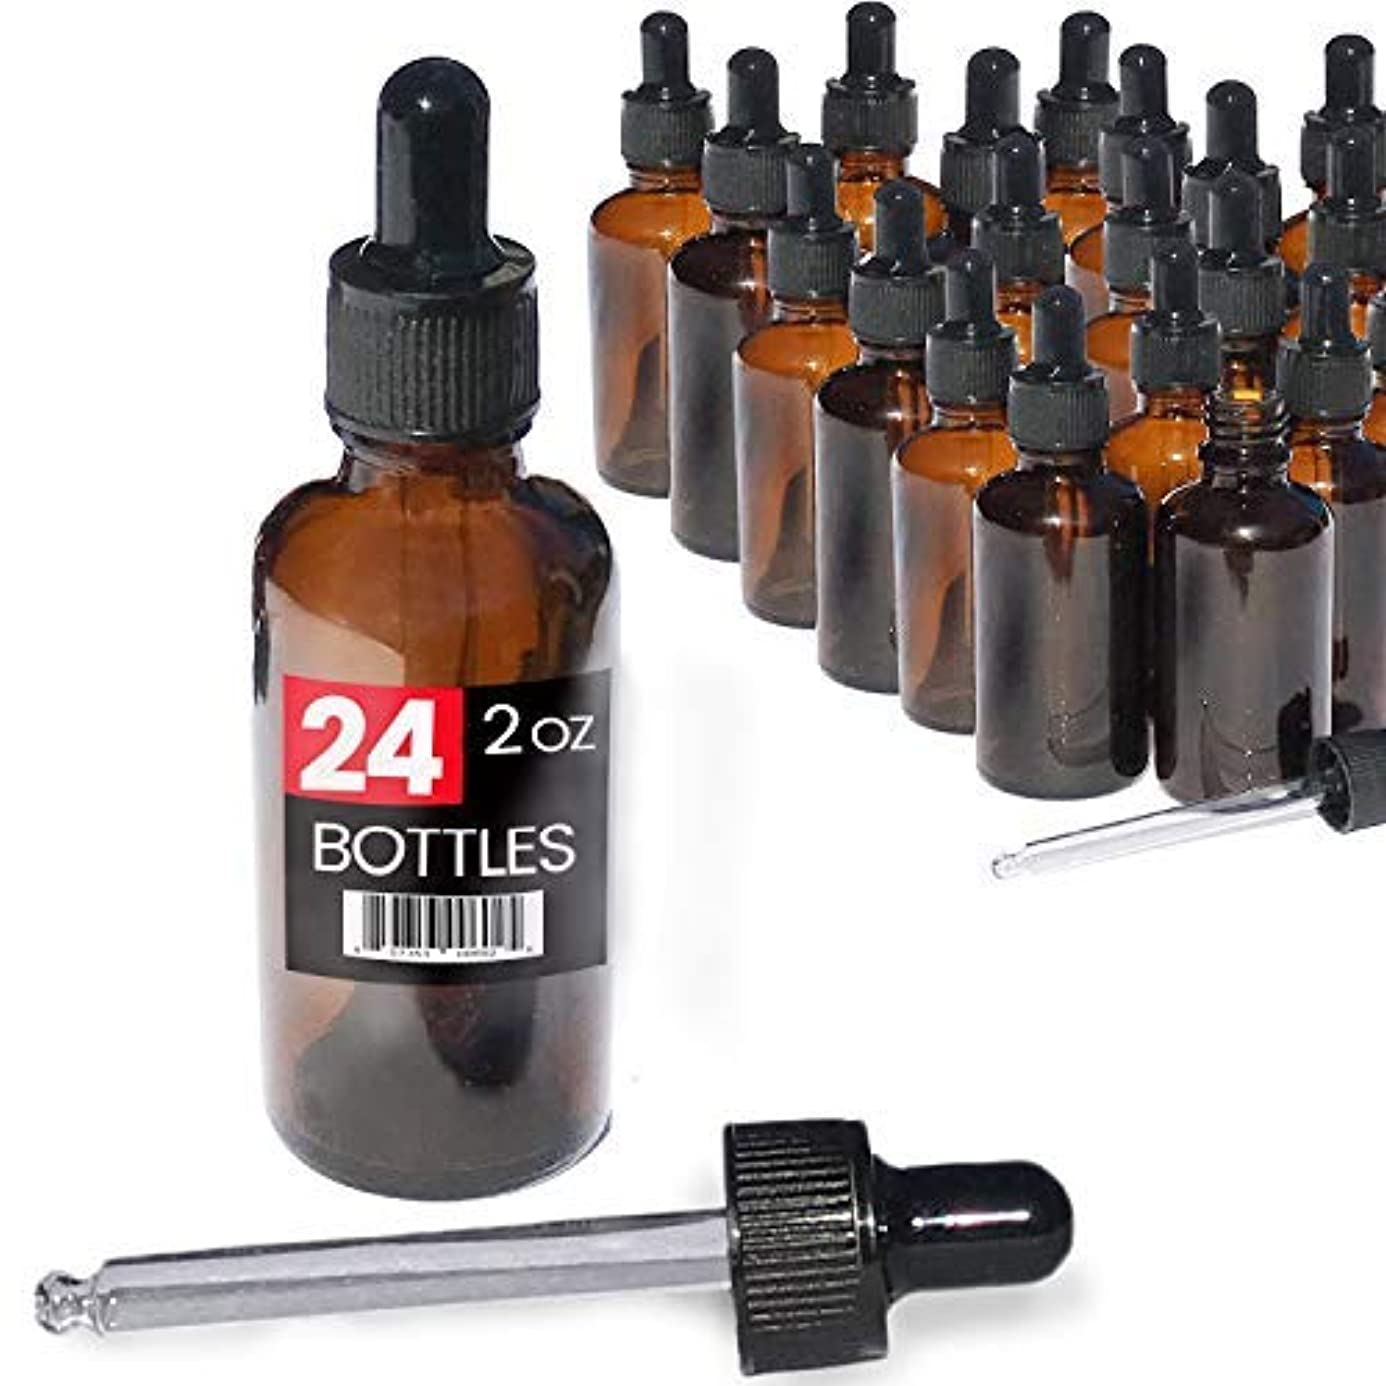 くるみ業界知る2oz Premium Dropper Bottles (24 pack) - Great for Essential Oils - Amber 2 oz Glass - Glass Eye Dropper - Guaranteed...